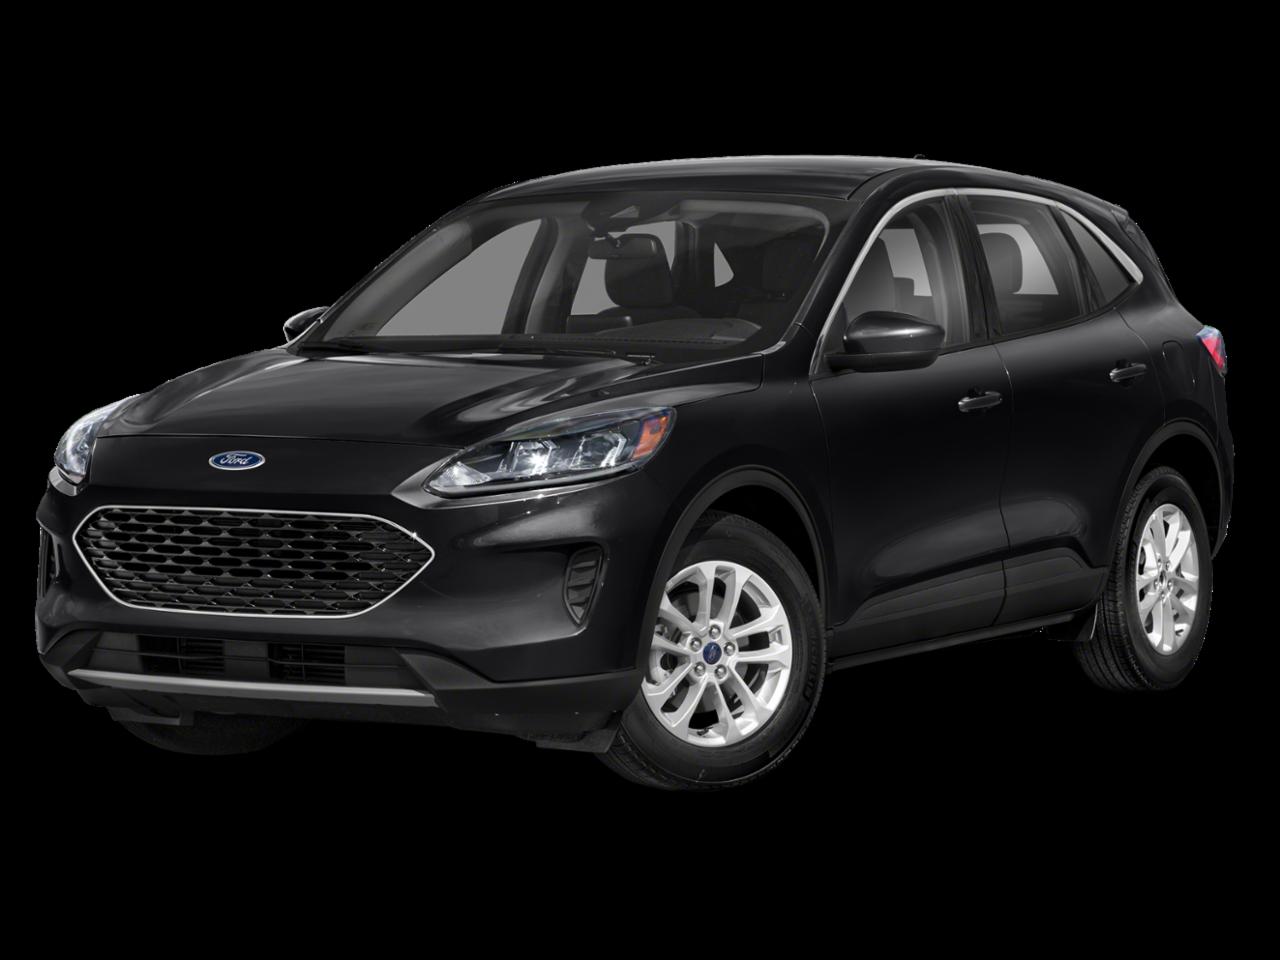 image-0 2020 Ford ESCAPE